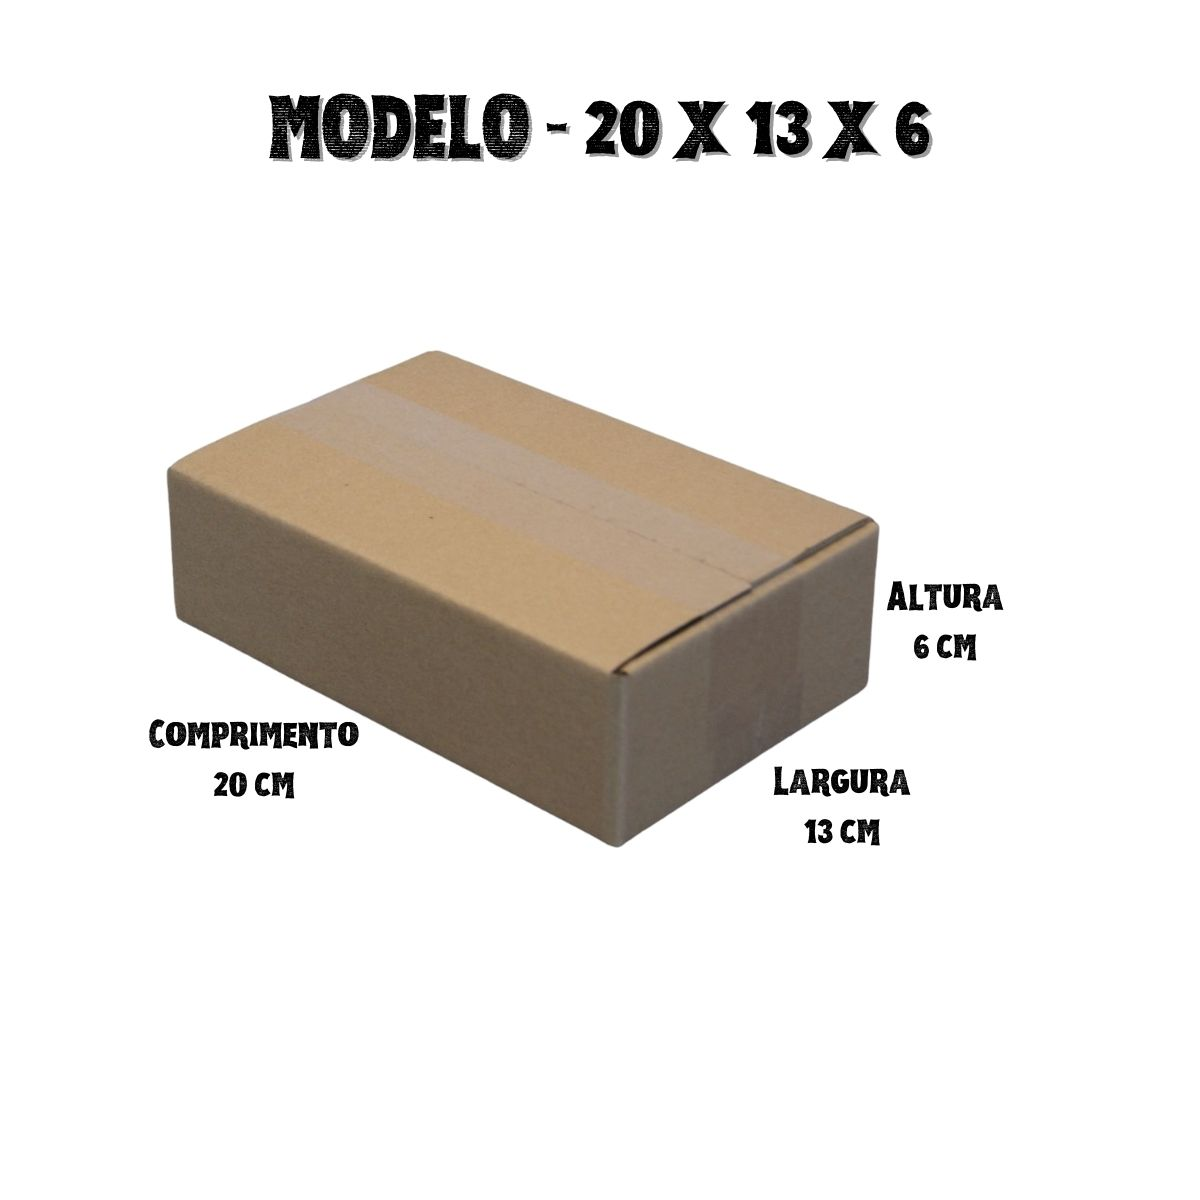 200 Caixas de Papelao (20X13X6)cm - Sedex / Pac / Correios